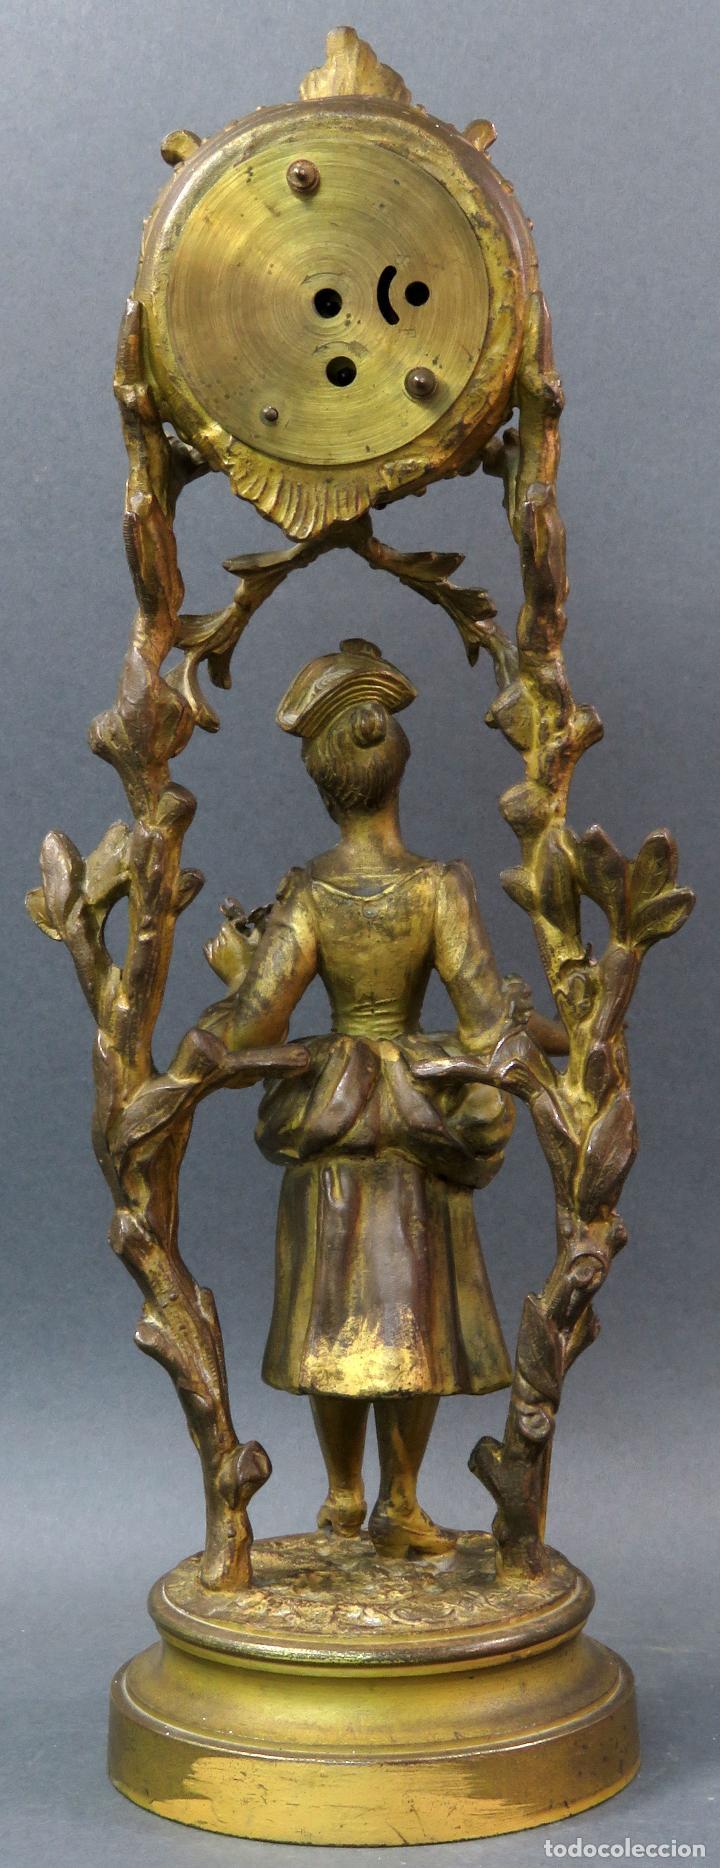 Relojes de carga manual: Reloj de sobremesa en bronce dorado francés finales del siglo XIX no funciona - Foto 4 - 129236759